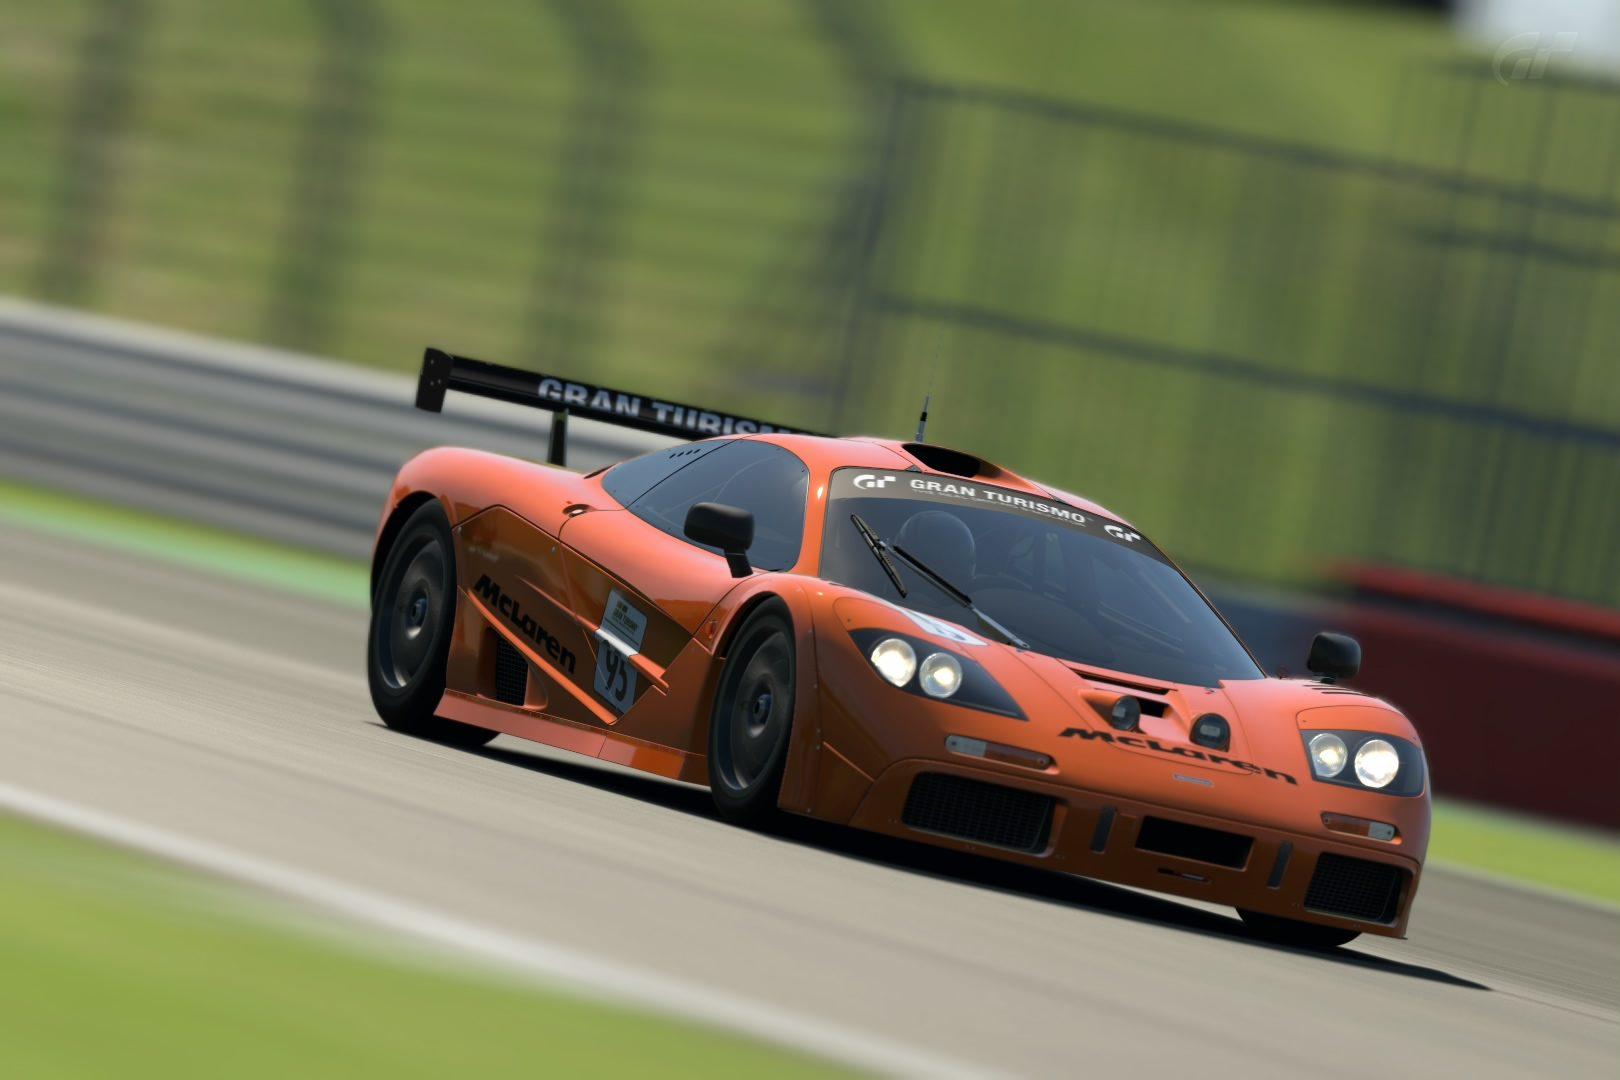 McLaren F1 GTR Race Car Base Model '95 (Car).jpg